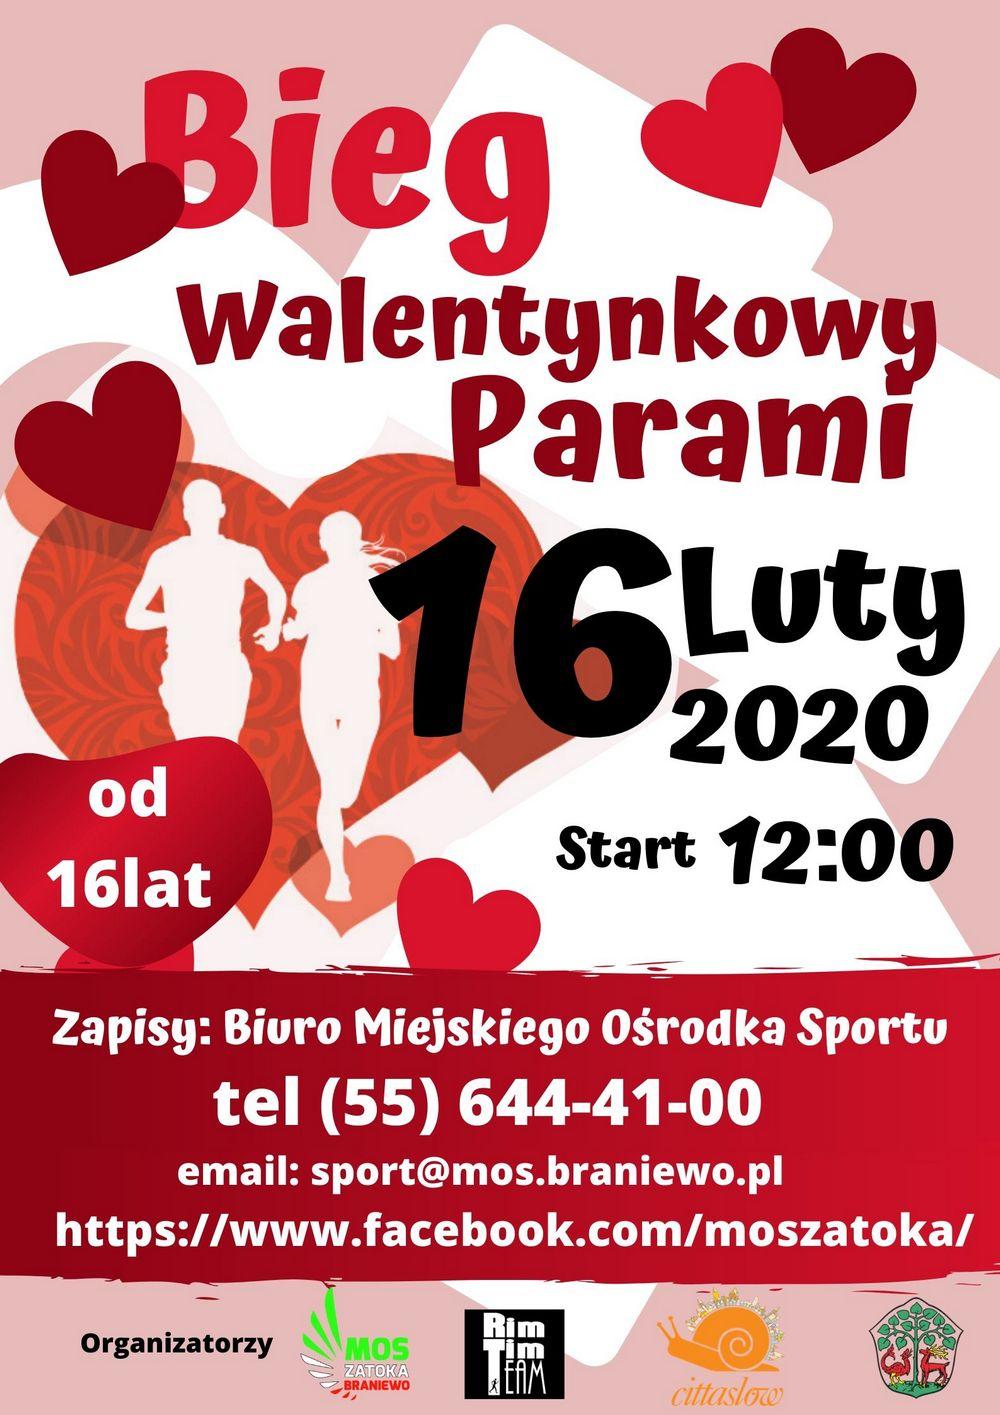 Bieg Walentynkowy Parami 16 Luty 2020 start 12:00 od 16 lat Zapisy: Biuro Miejskiego Ośrodka Sportu tel. 55 644 41 00, email: sport@mos.braniewo.pl